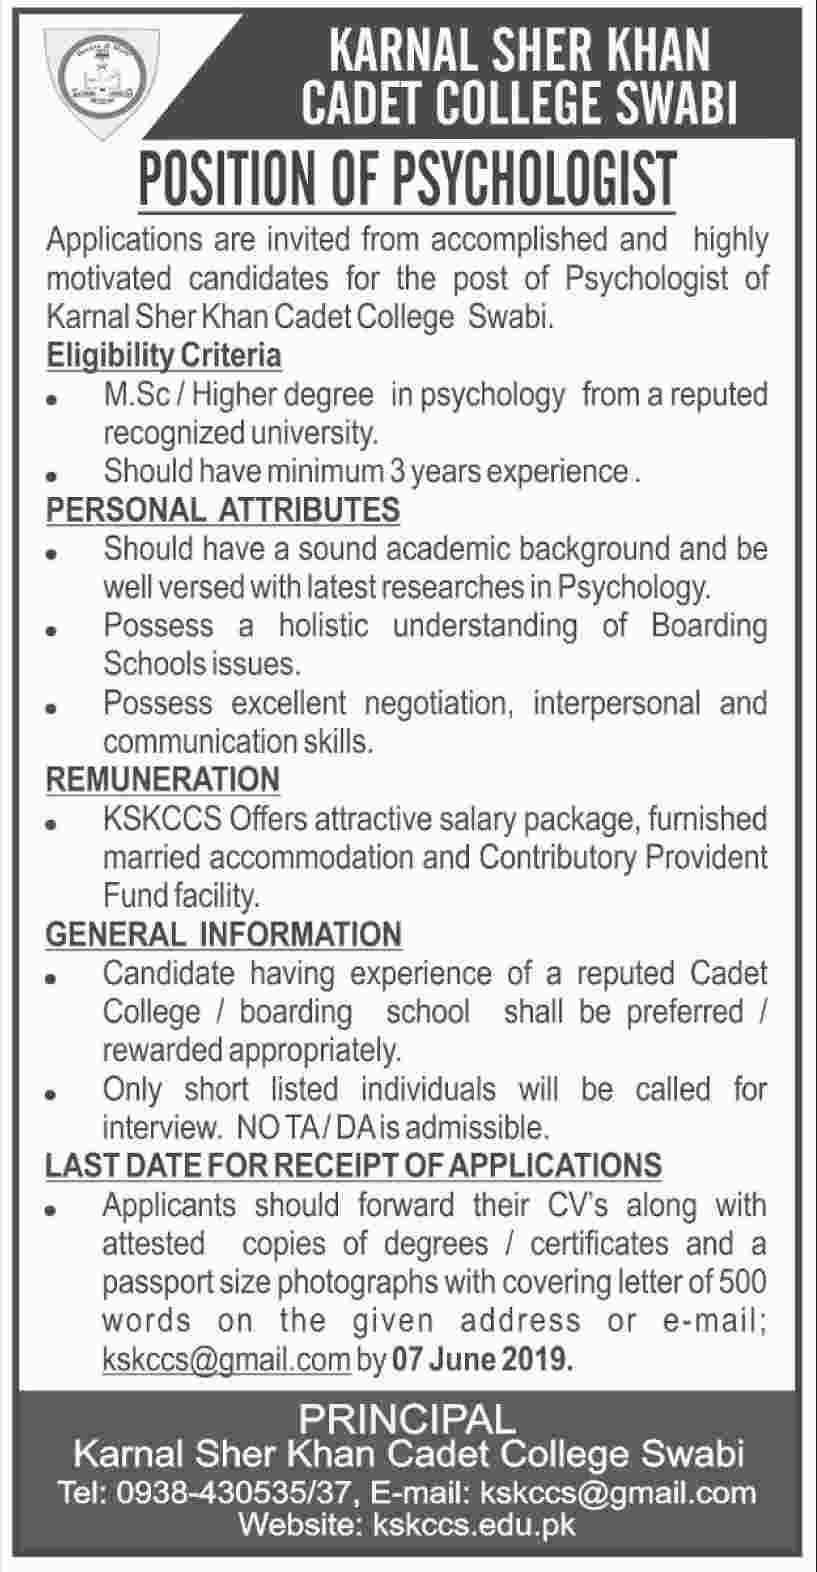 Karnal Sher Khan Cadet College Latest Jobs 2019